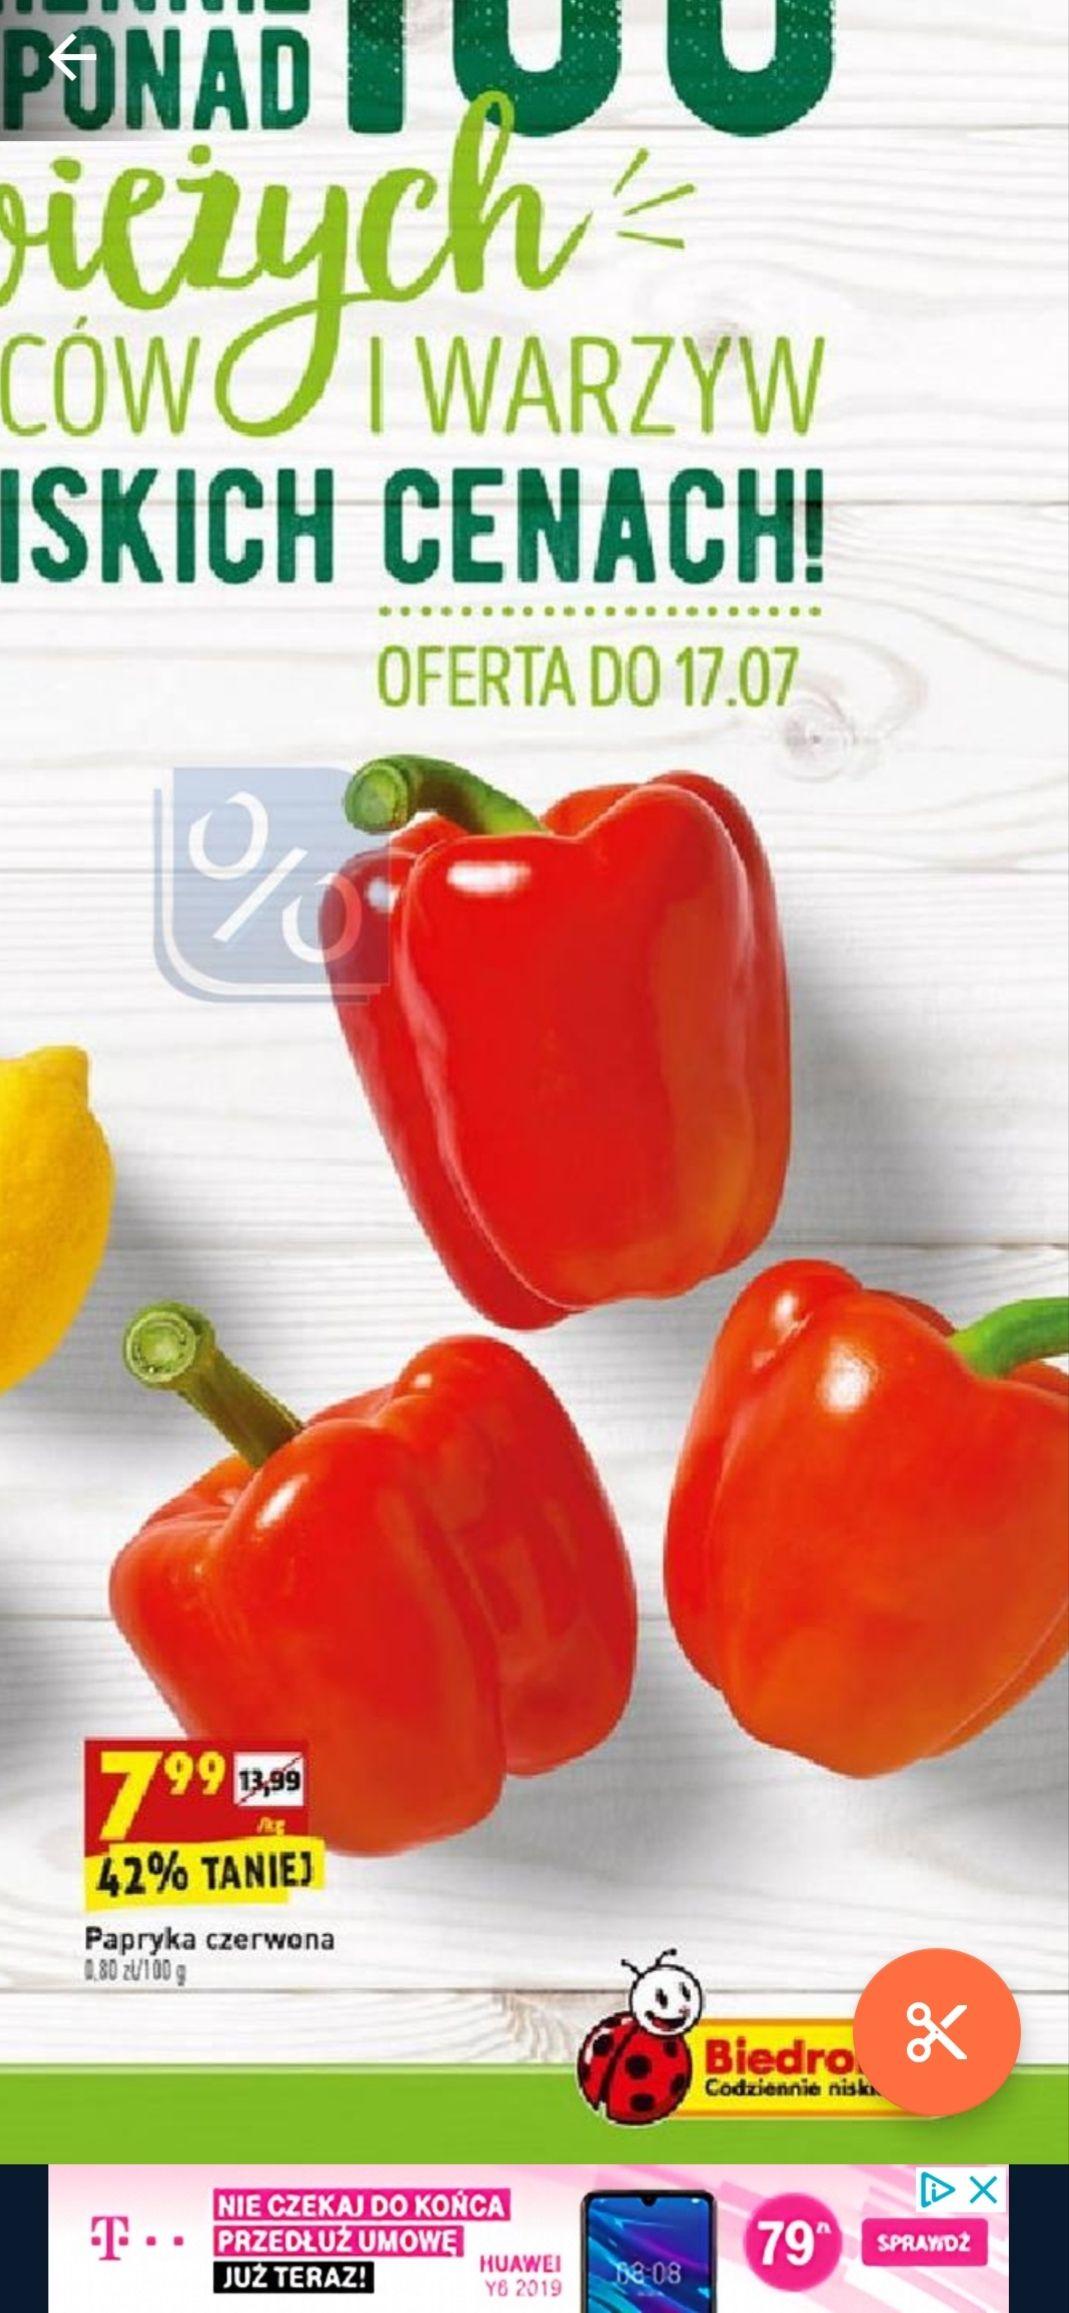 Papryka czerwona - Biedronka